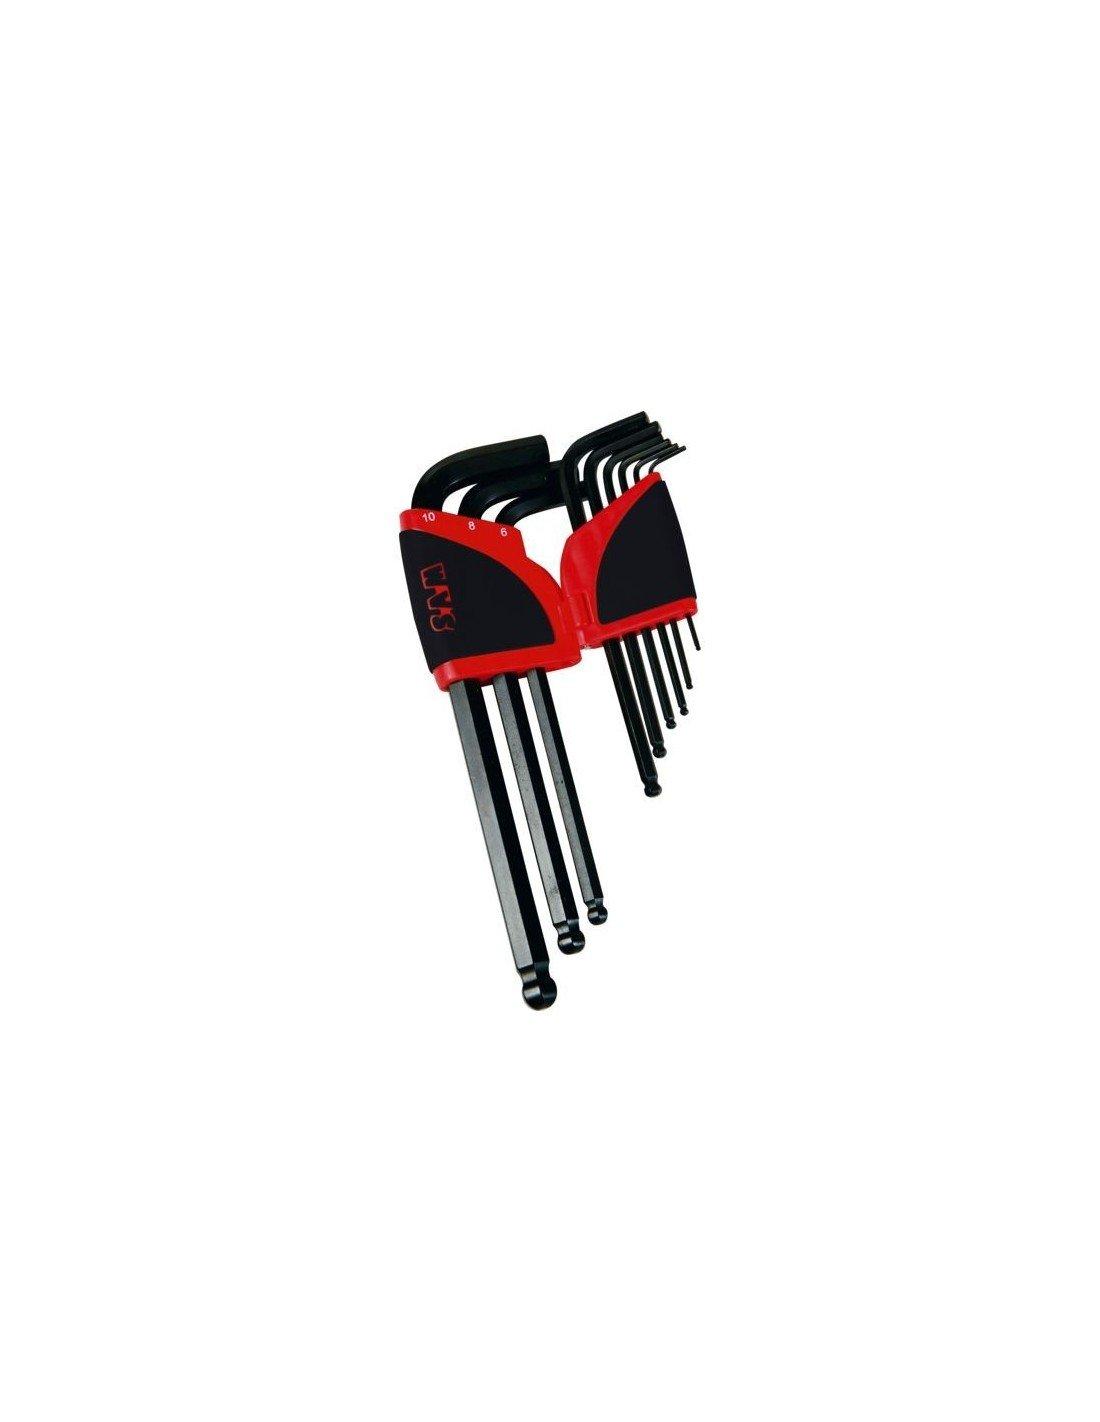 SAM Outillage 67-AR9A Râtelier de 9 clés males coudées longues 6 pans à tête sphérique de 1, 5 à 10 mm 5 à 10 mm